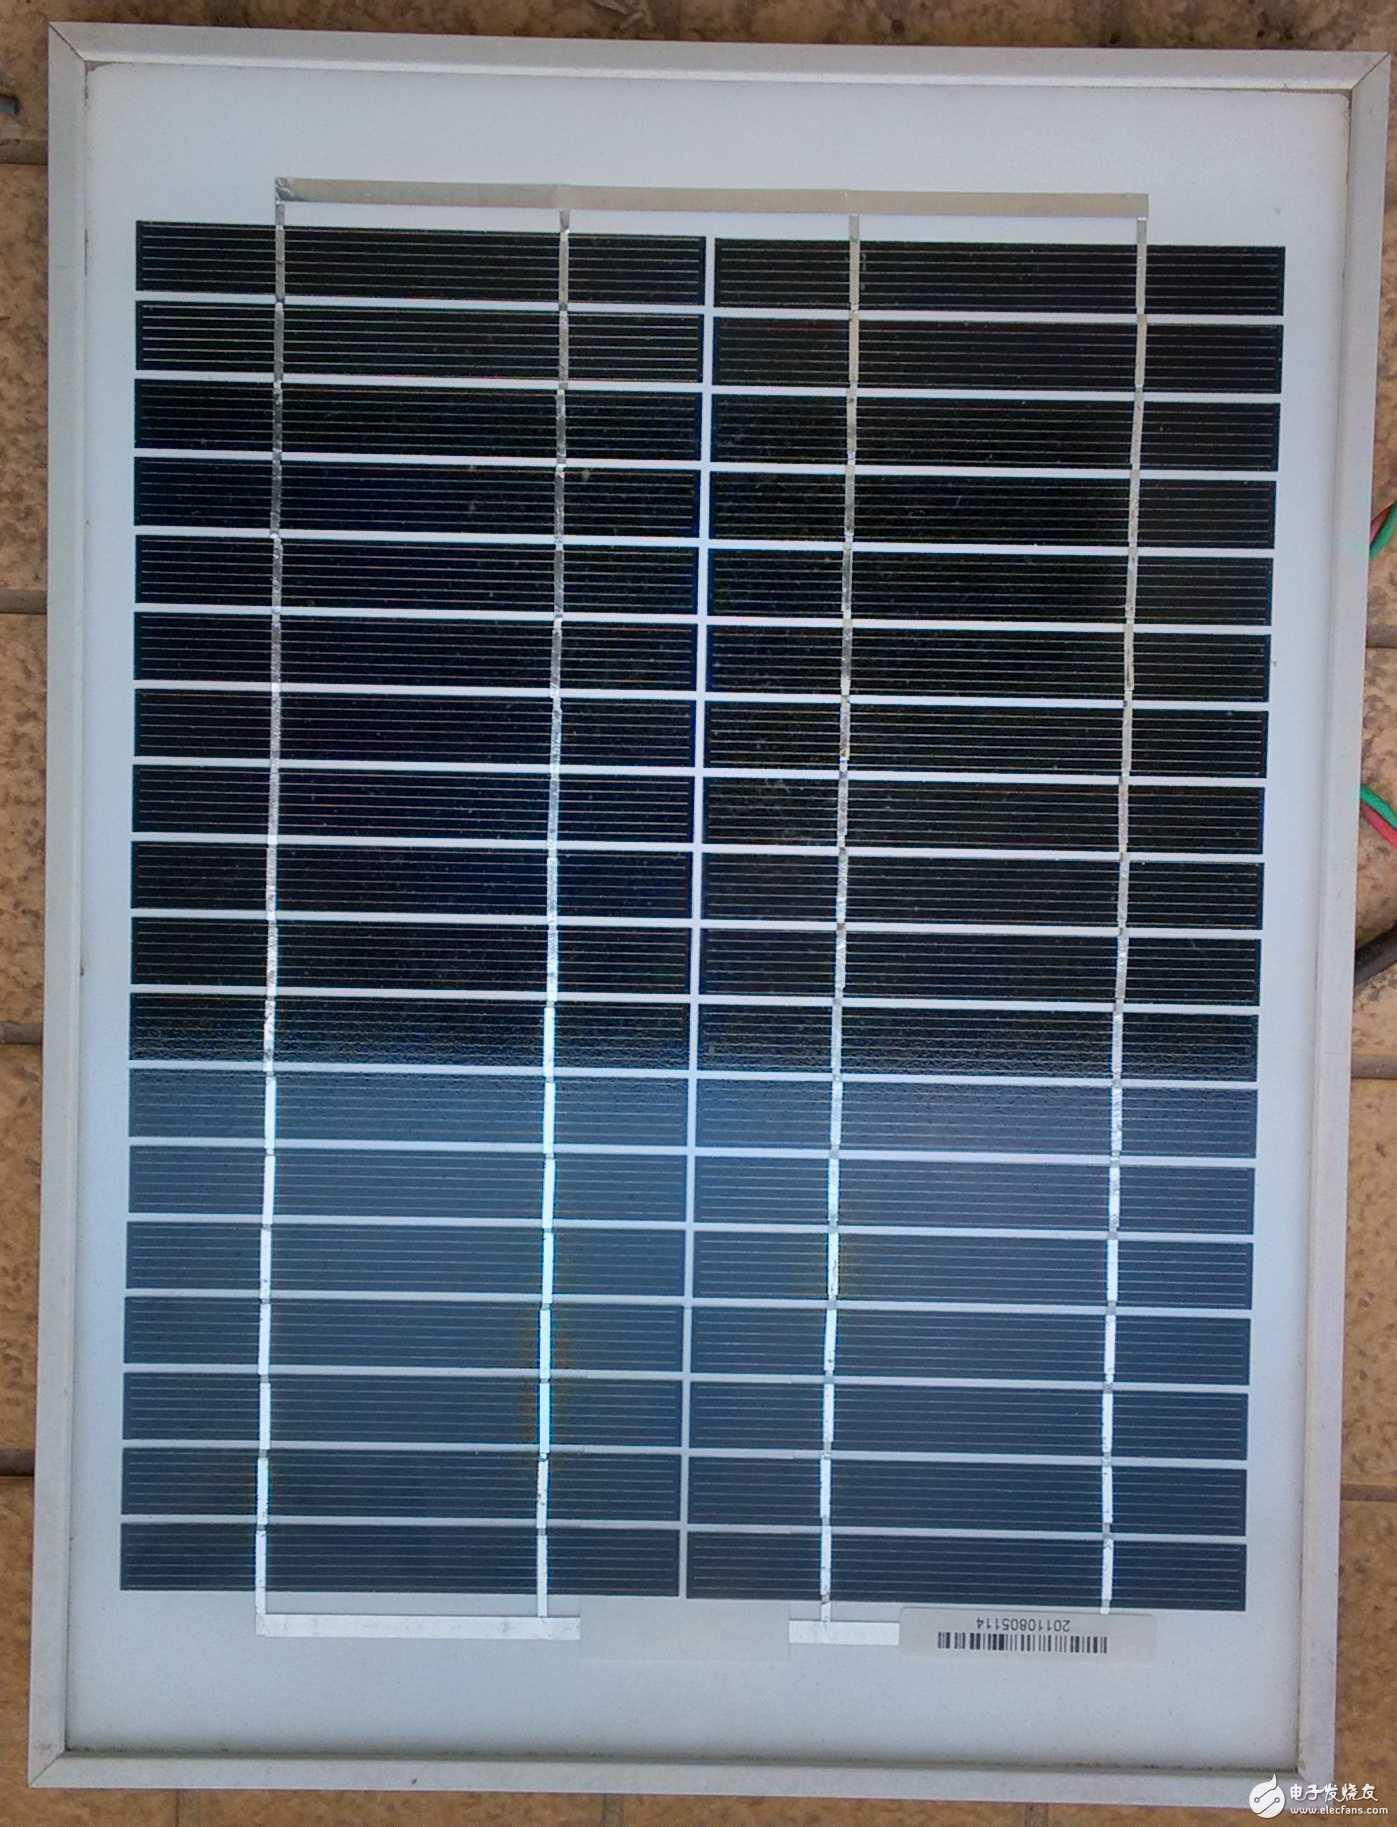 我的梦想 家用太阳能发电系统 连续更新中